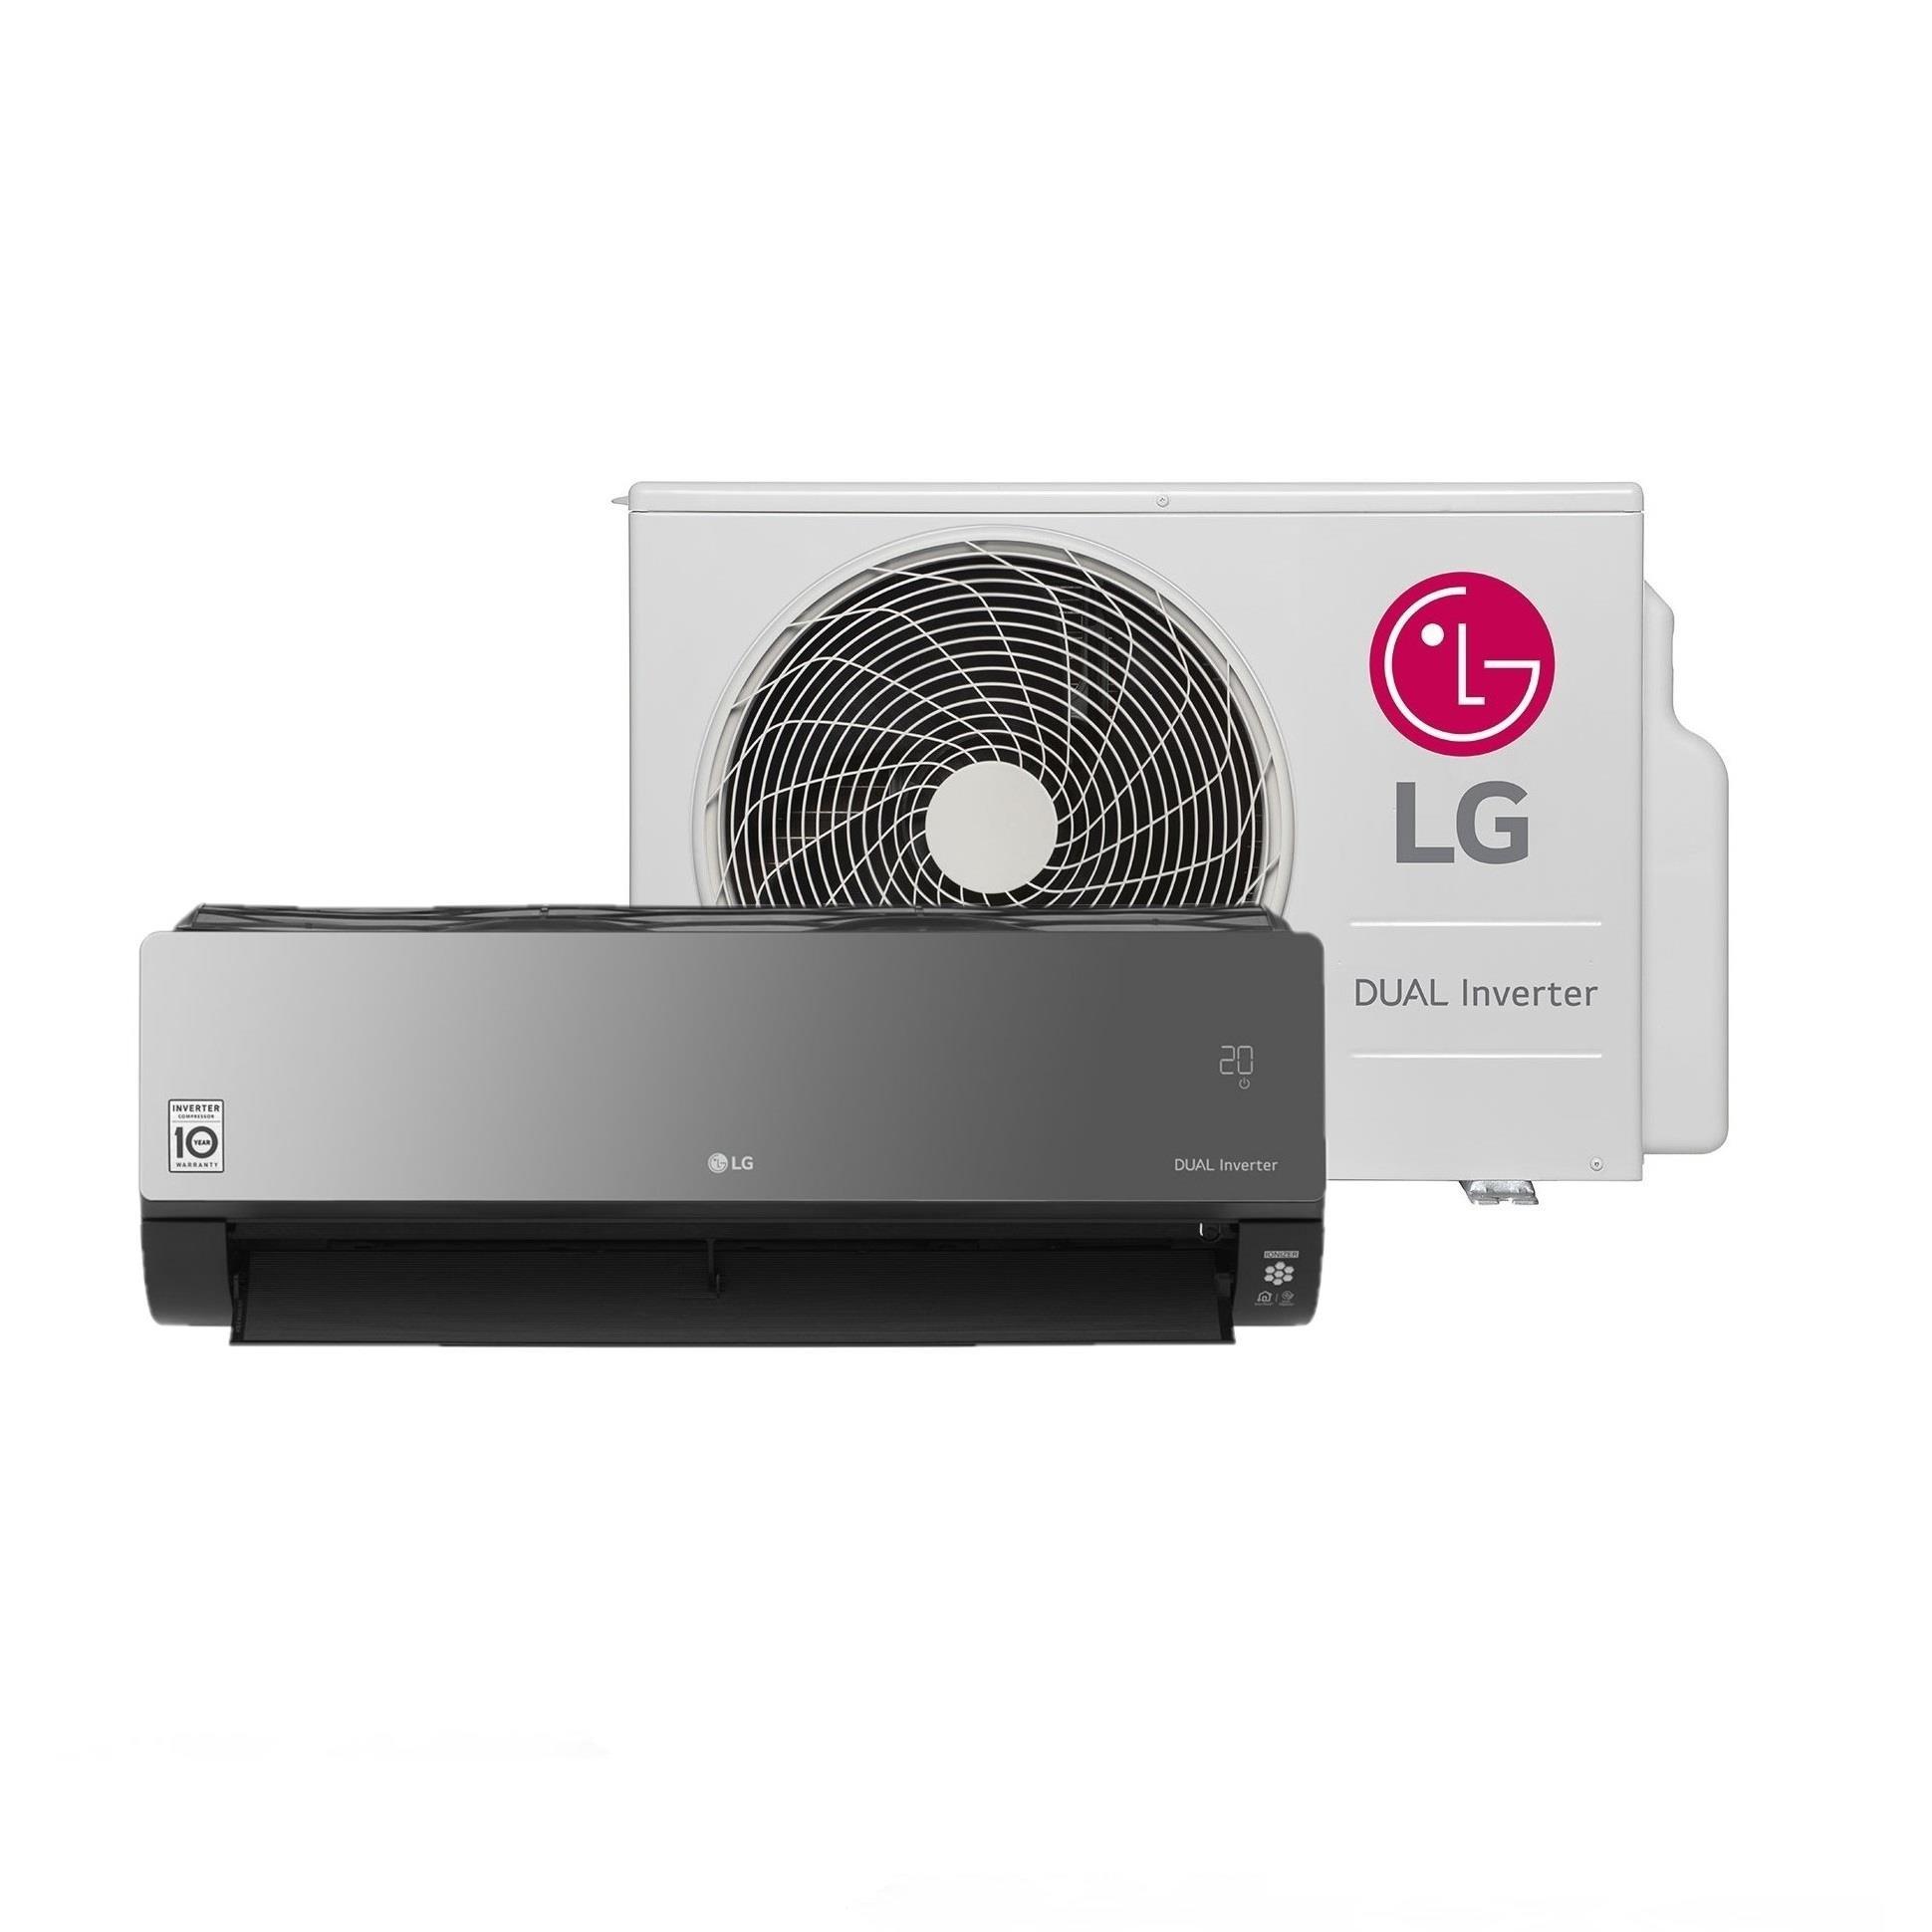 Ar Condicionado Split Inverter LG Voice Artcool 18000 BTUs 220V - Quente e frio S4NW18KLRPAEB2GAMZ